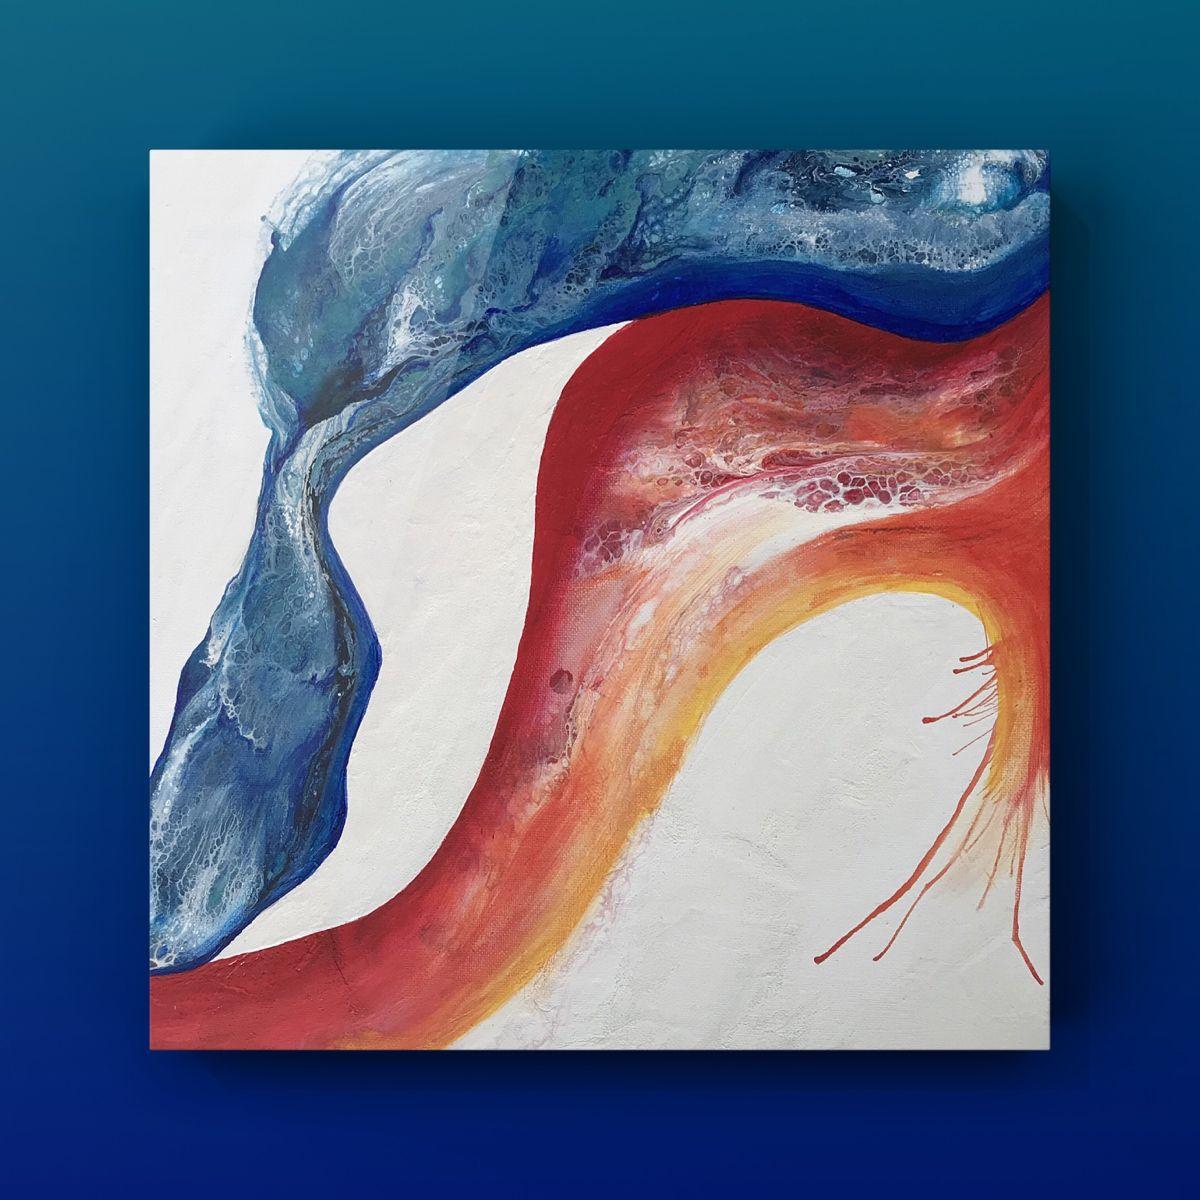 Sedona 14 x 14 Fluid Acrylic Painting on Canvas